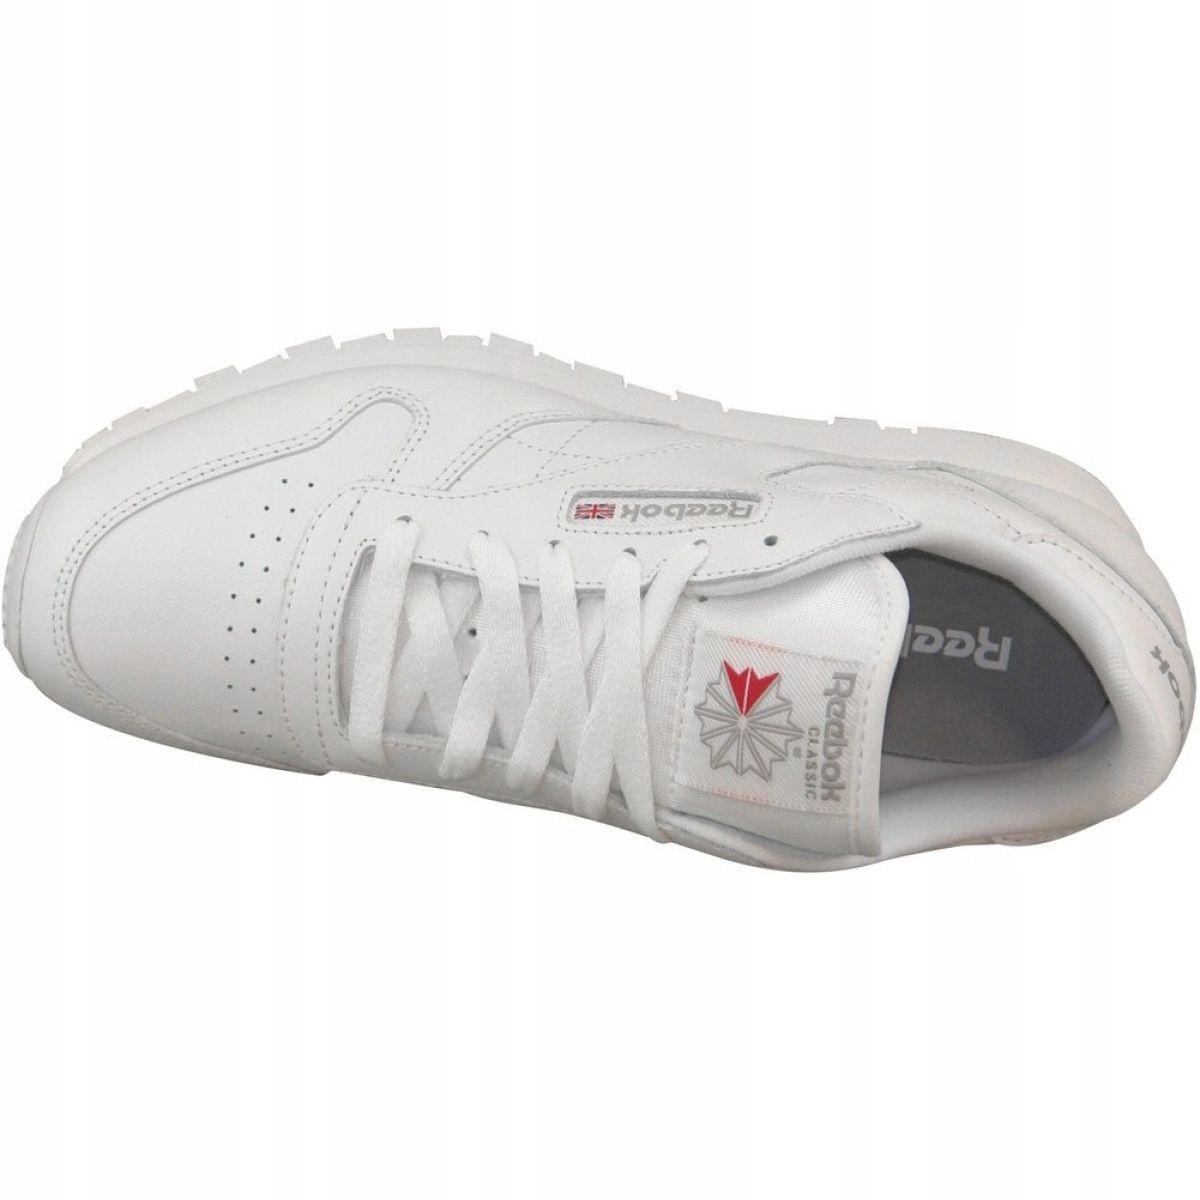 Buty Reebok Classic Leather W 2232 białe ButyModne.pl